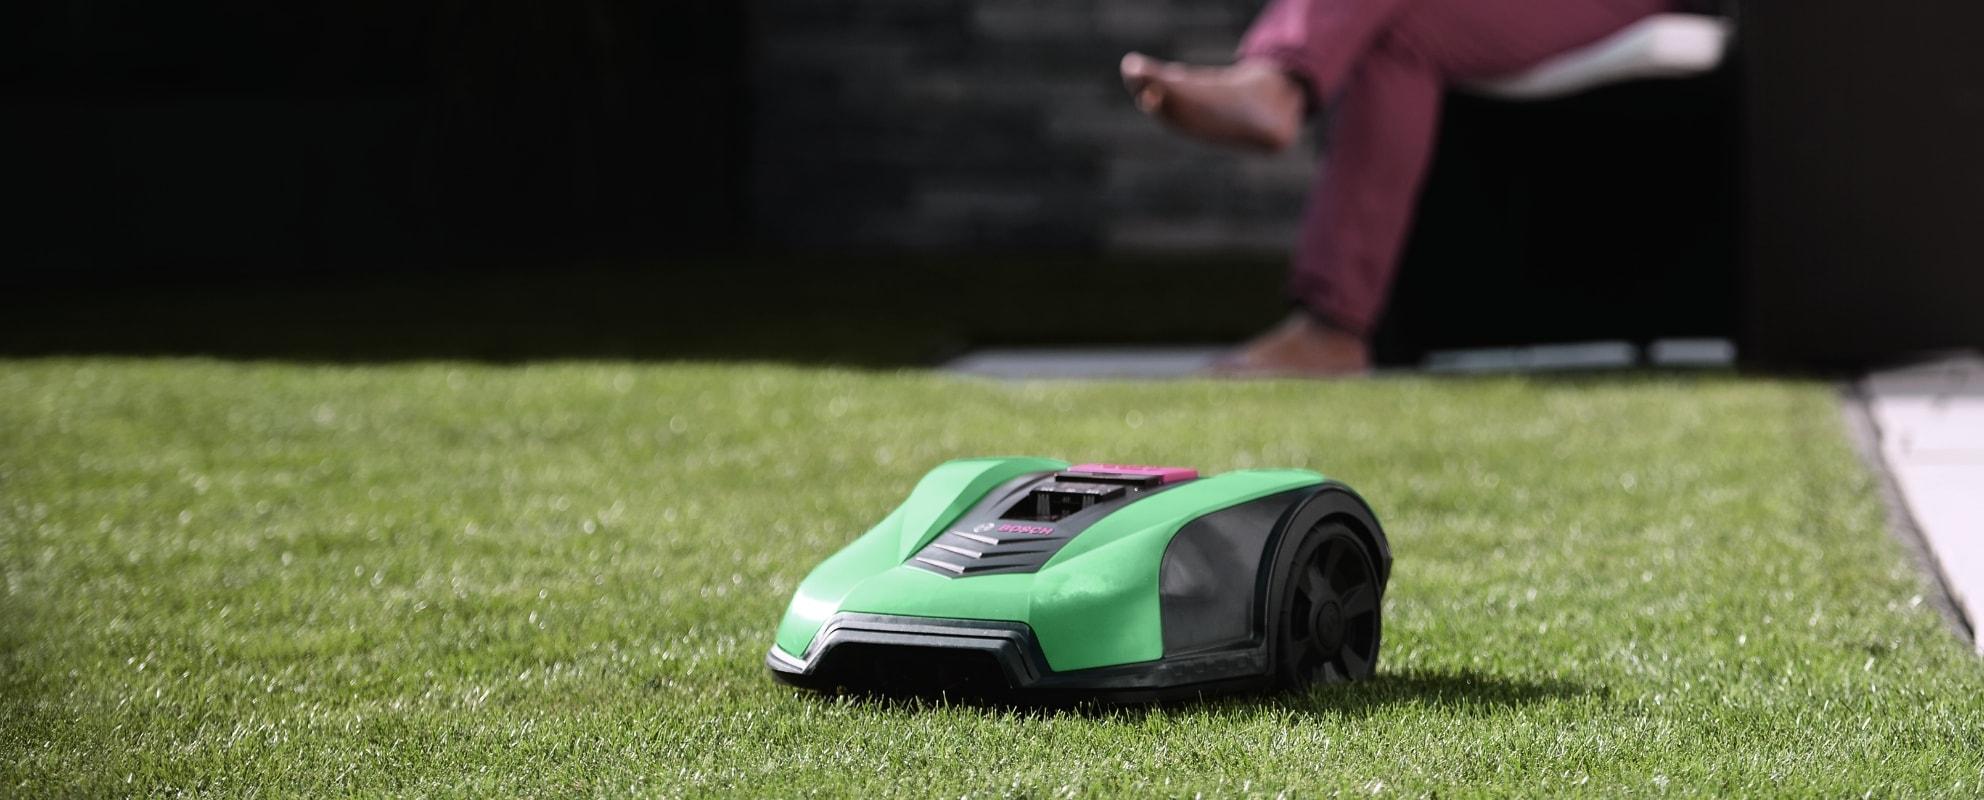 Installation av Robotgräsklippare